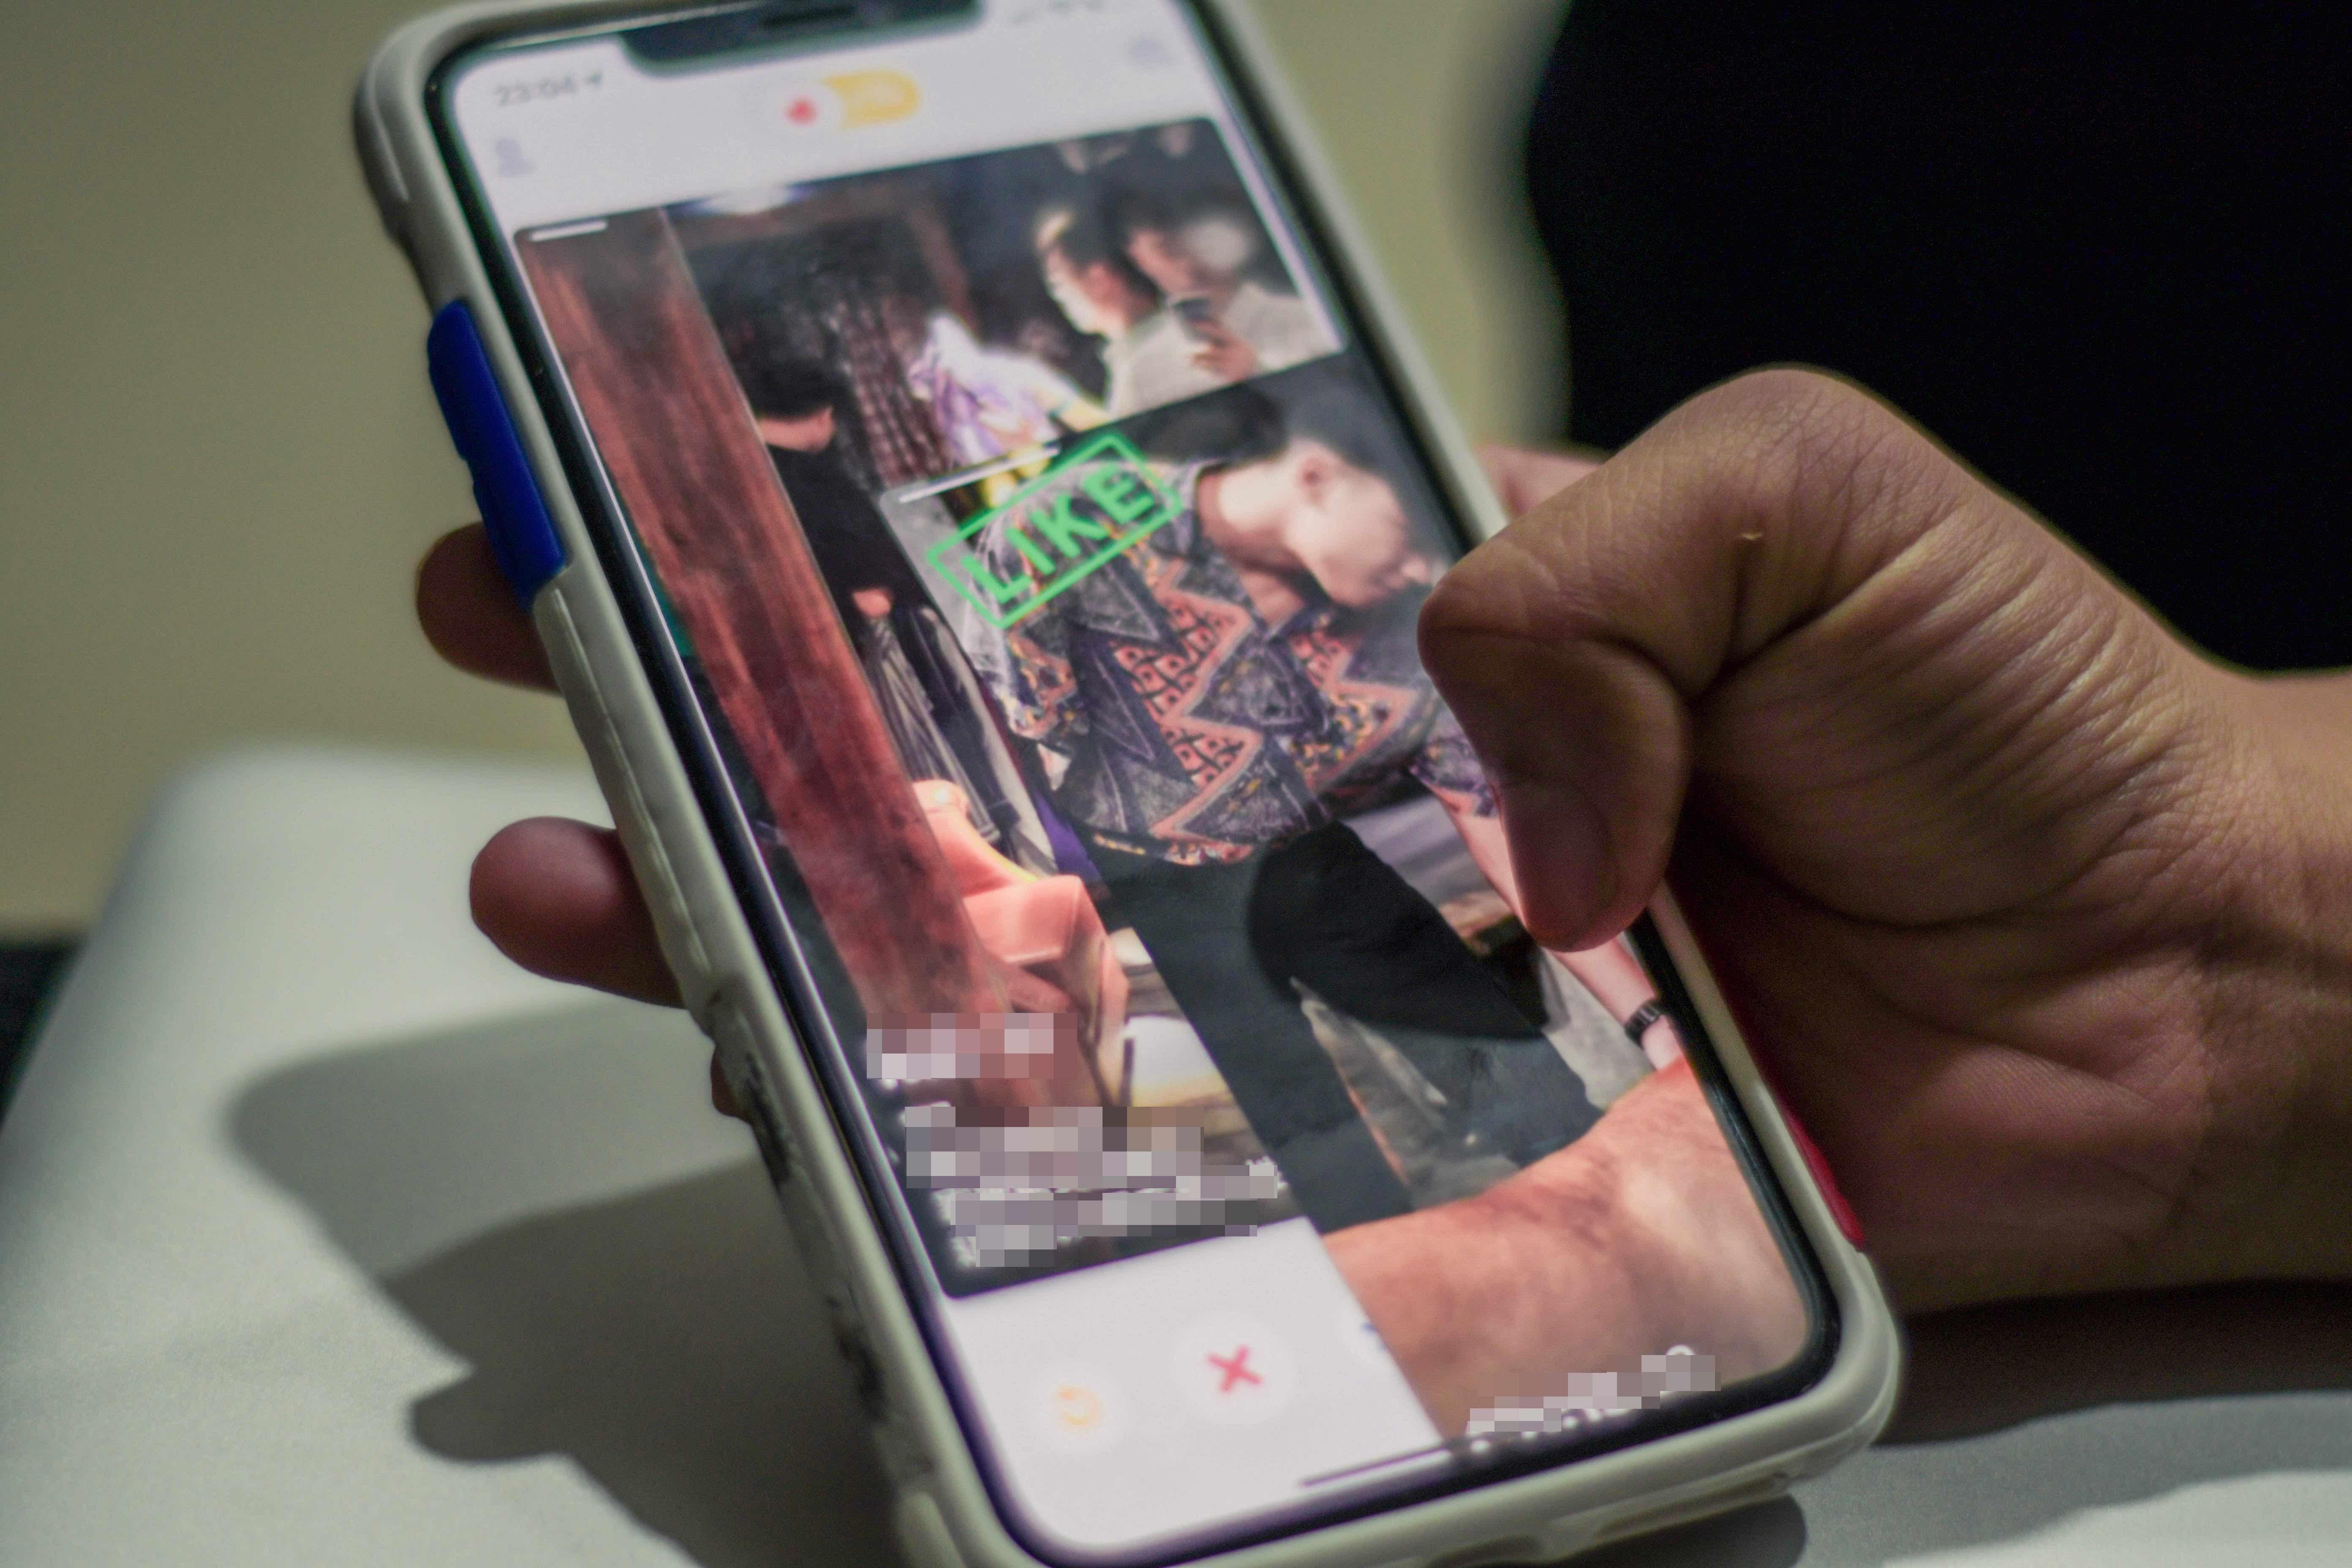 想快速認識一個陌生環境,使用交友軟體可以是方法之一 攝影/張嘉穎